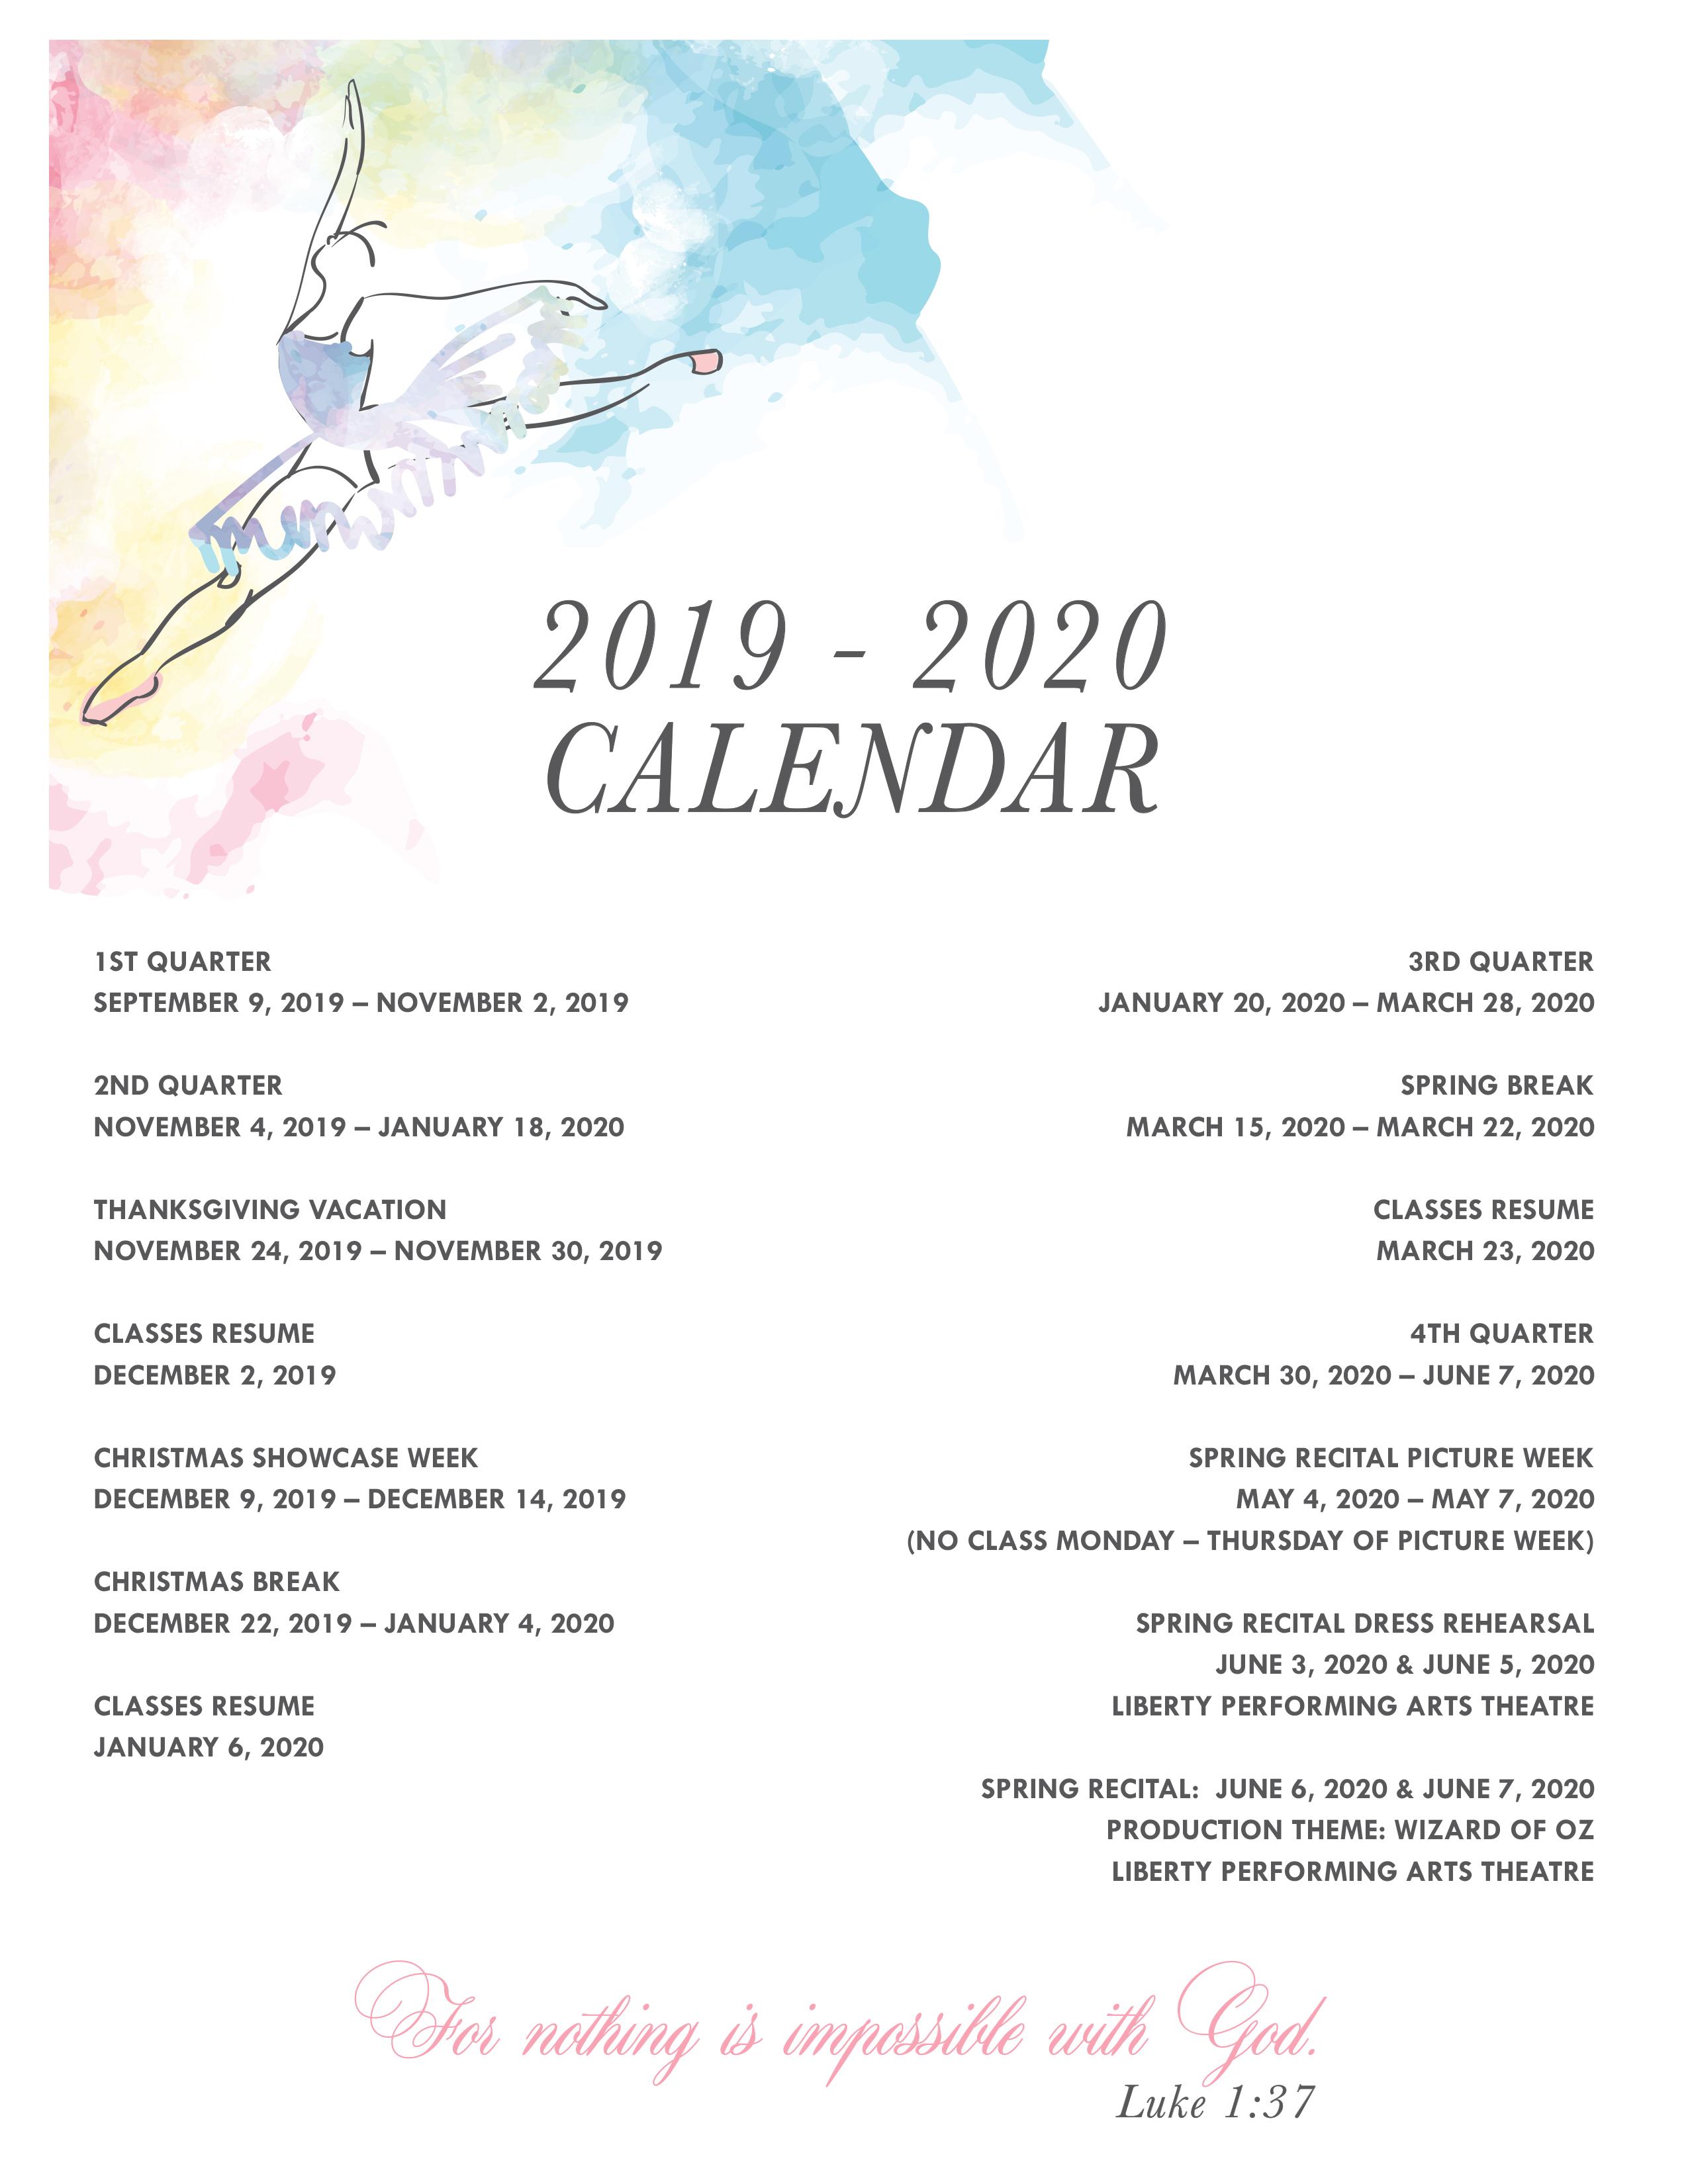 2019- 2020 Catherine's Dance Calendar, Parkville